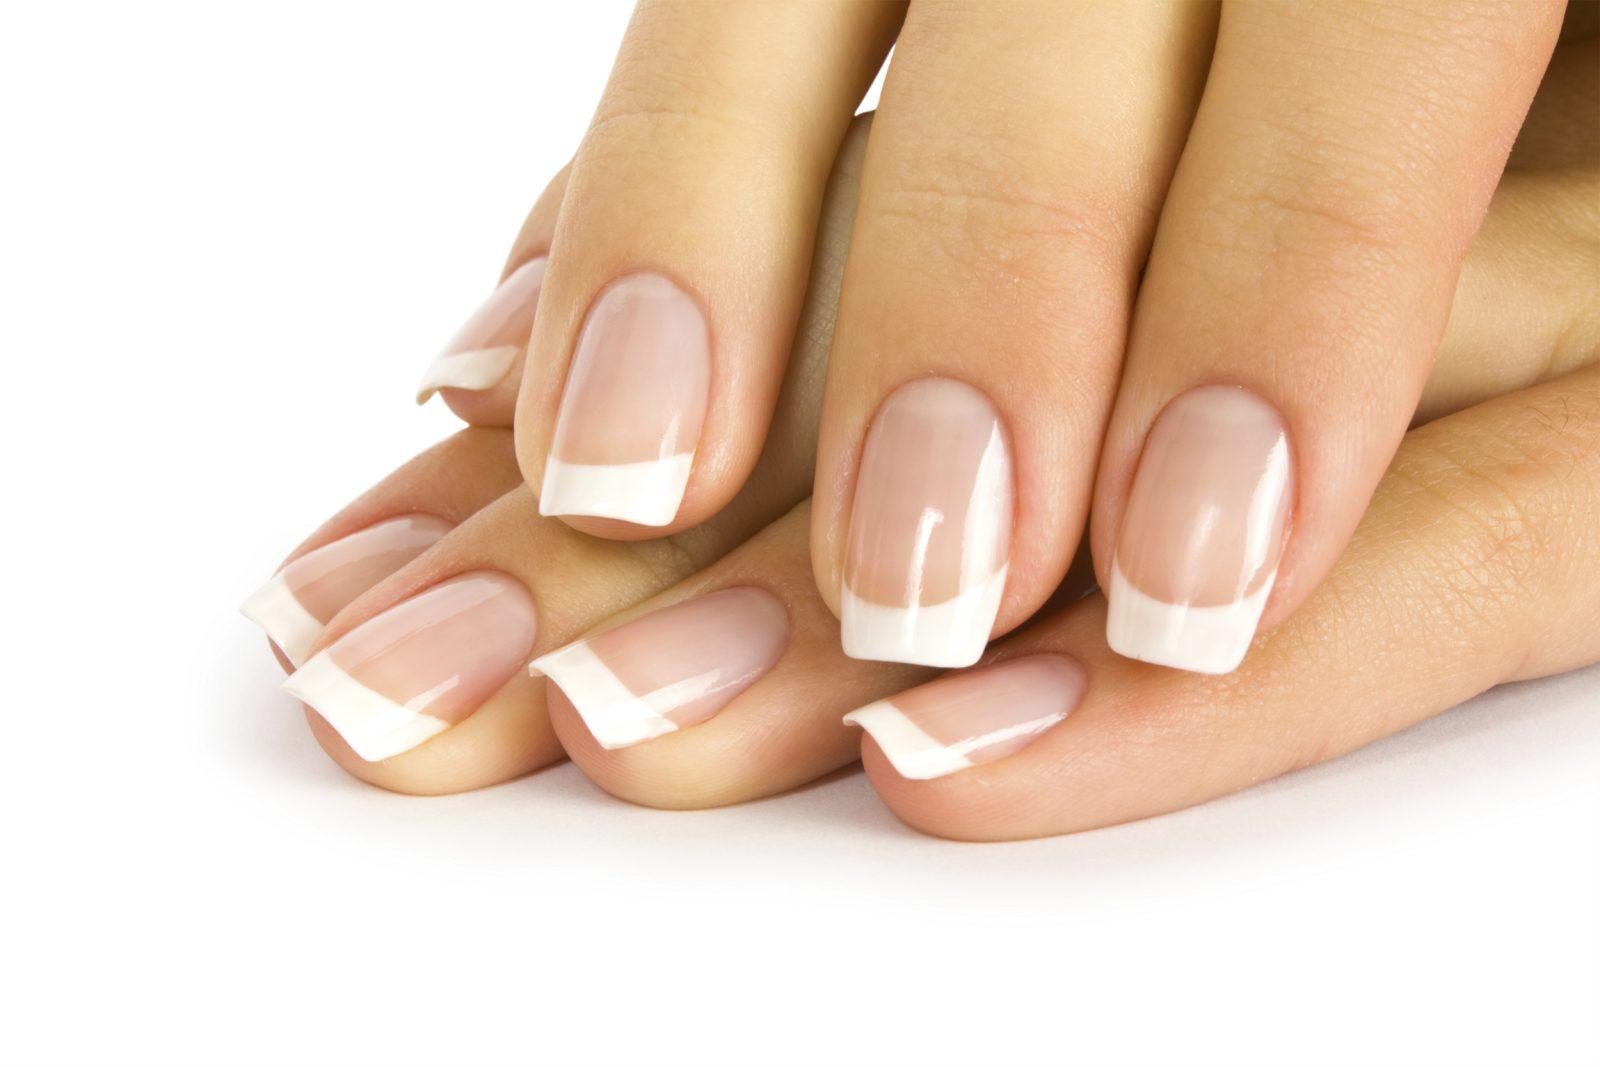 Dobro pogledajte nokte – evo šta otkrivaju o vašem zdravlju!